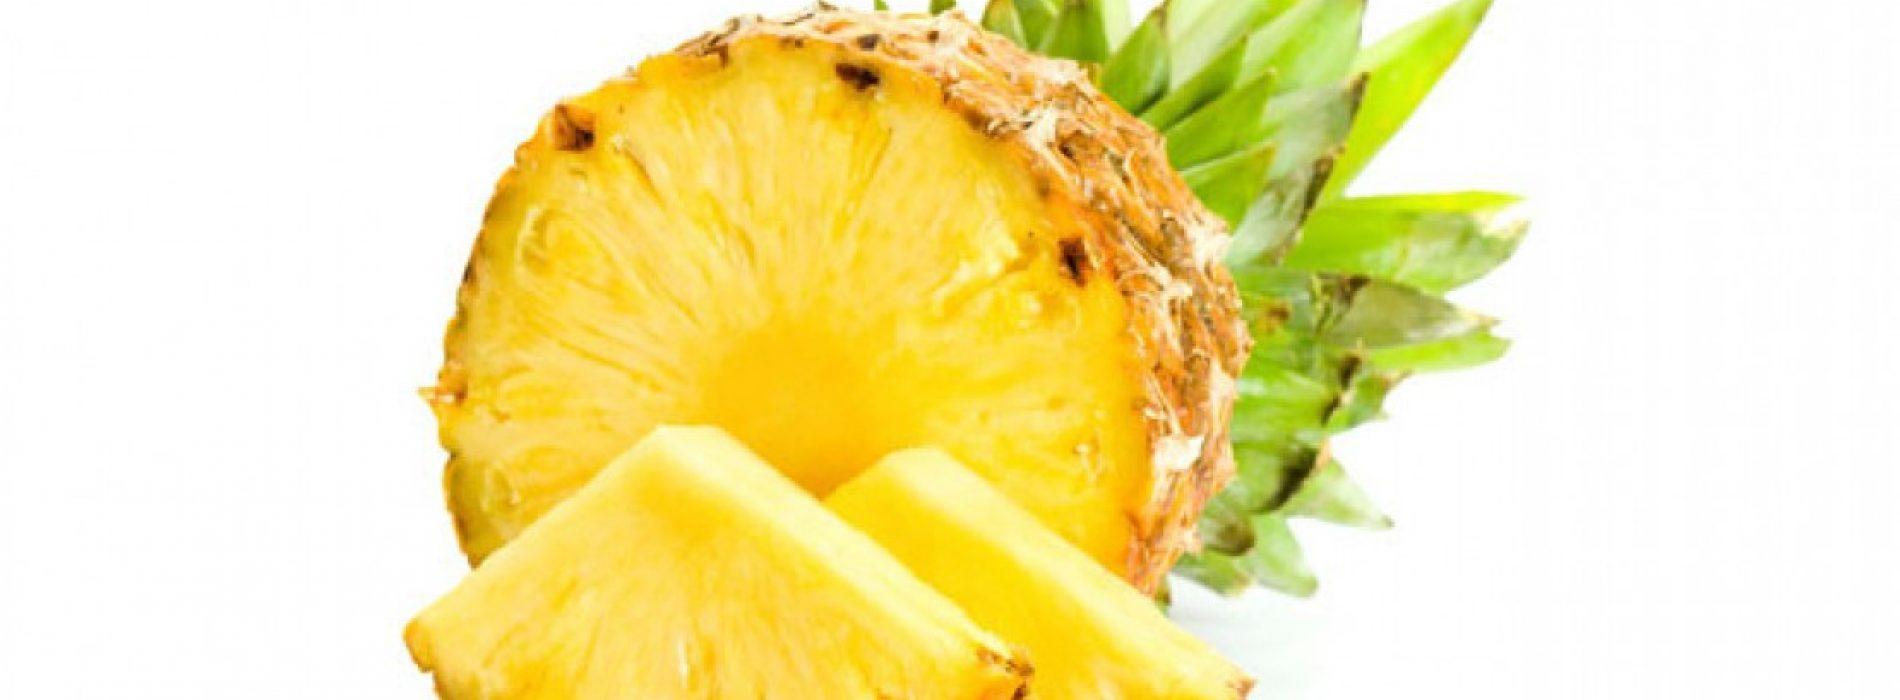 Vitamine-rijk ananasfruit heeft een verscheidenheid aan gezondheidsvoordelen waardoor het een ECHT superfood is